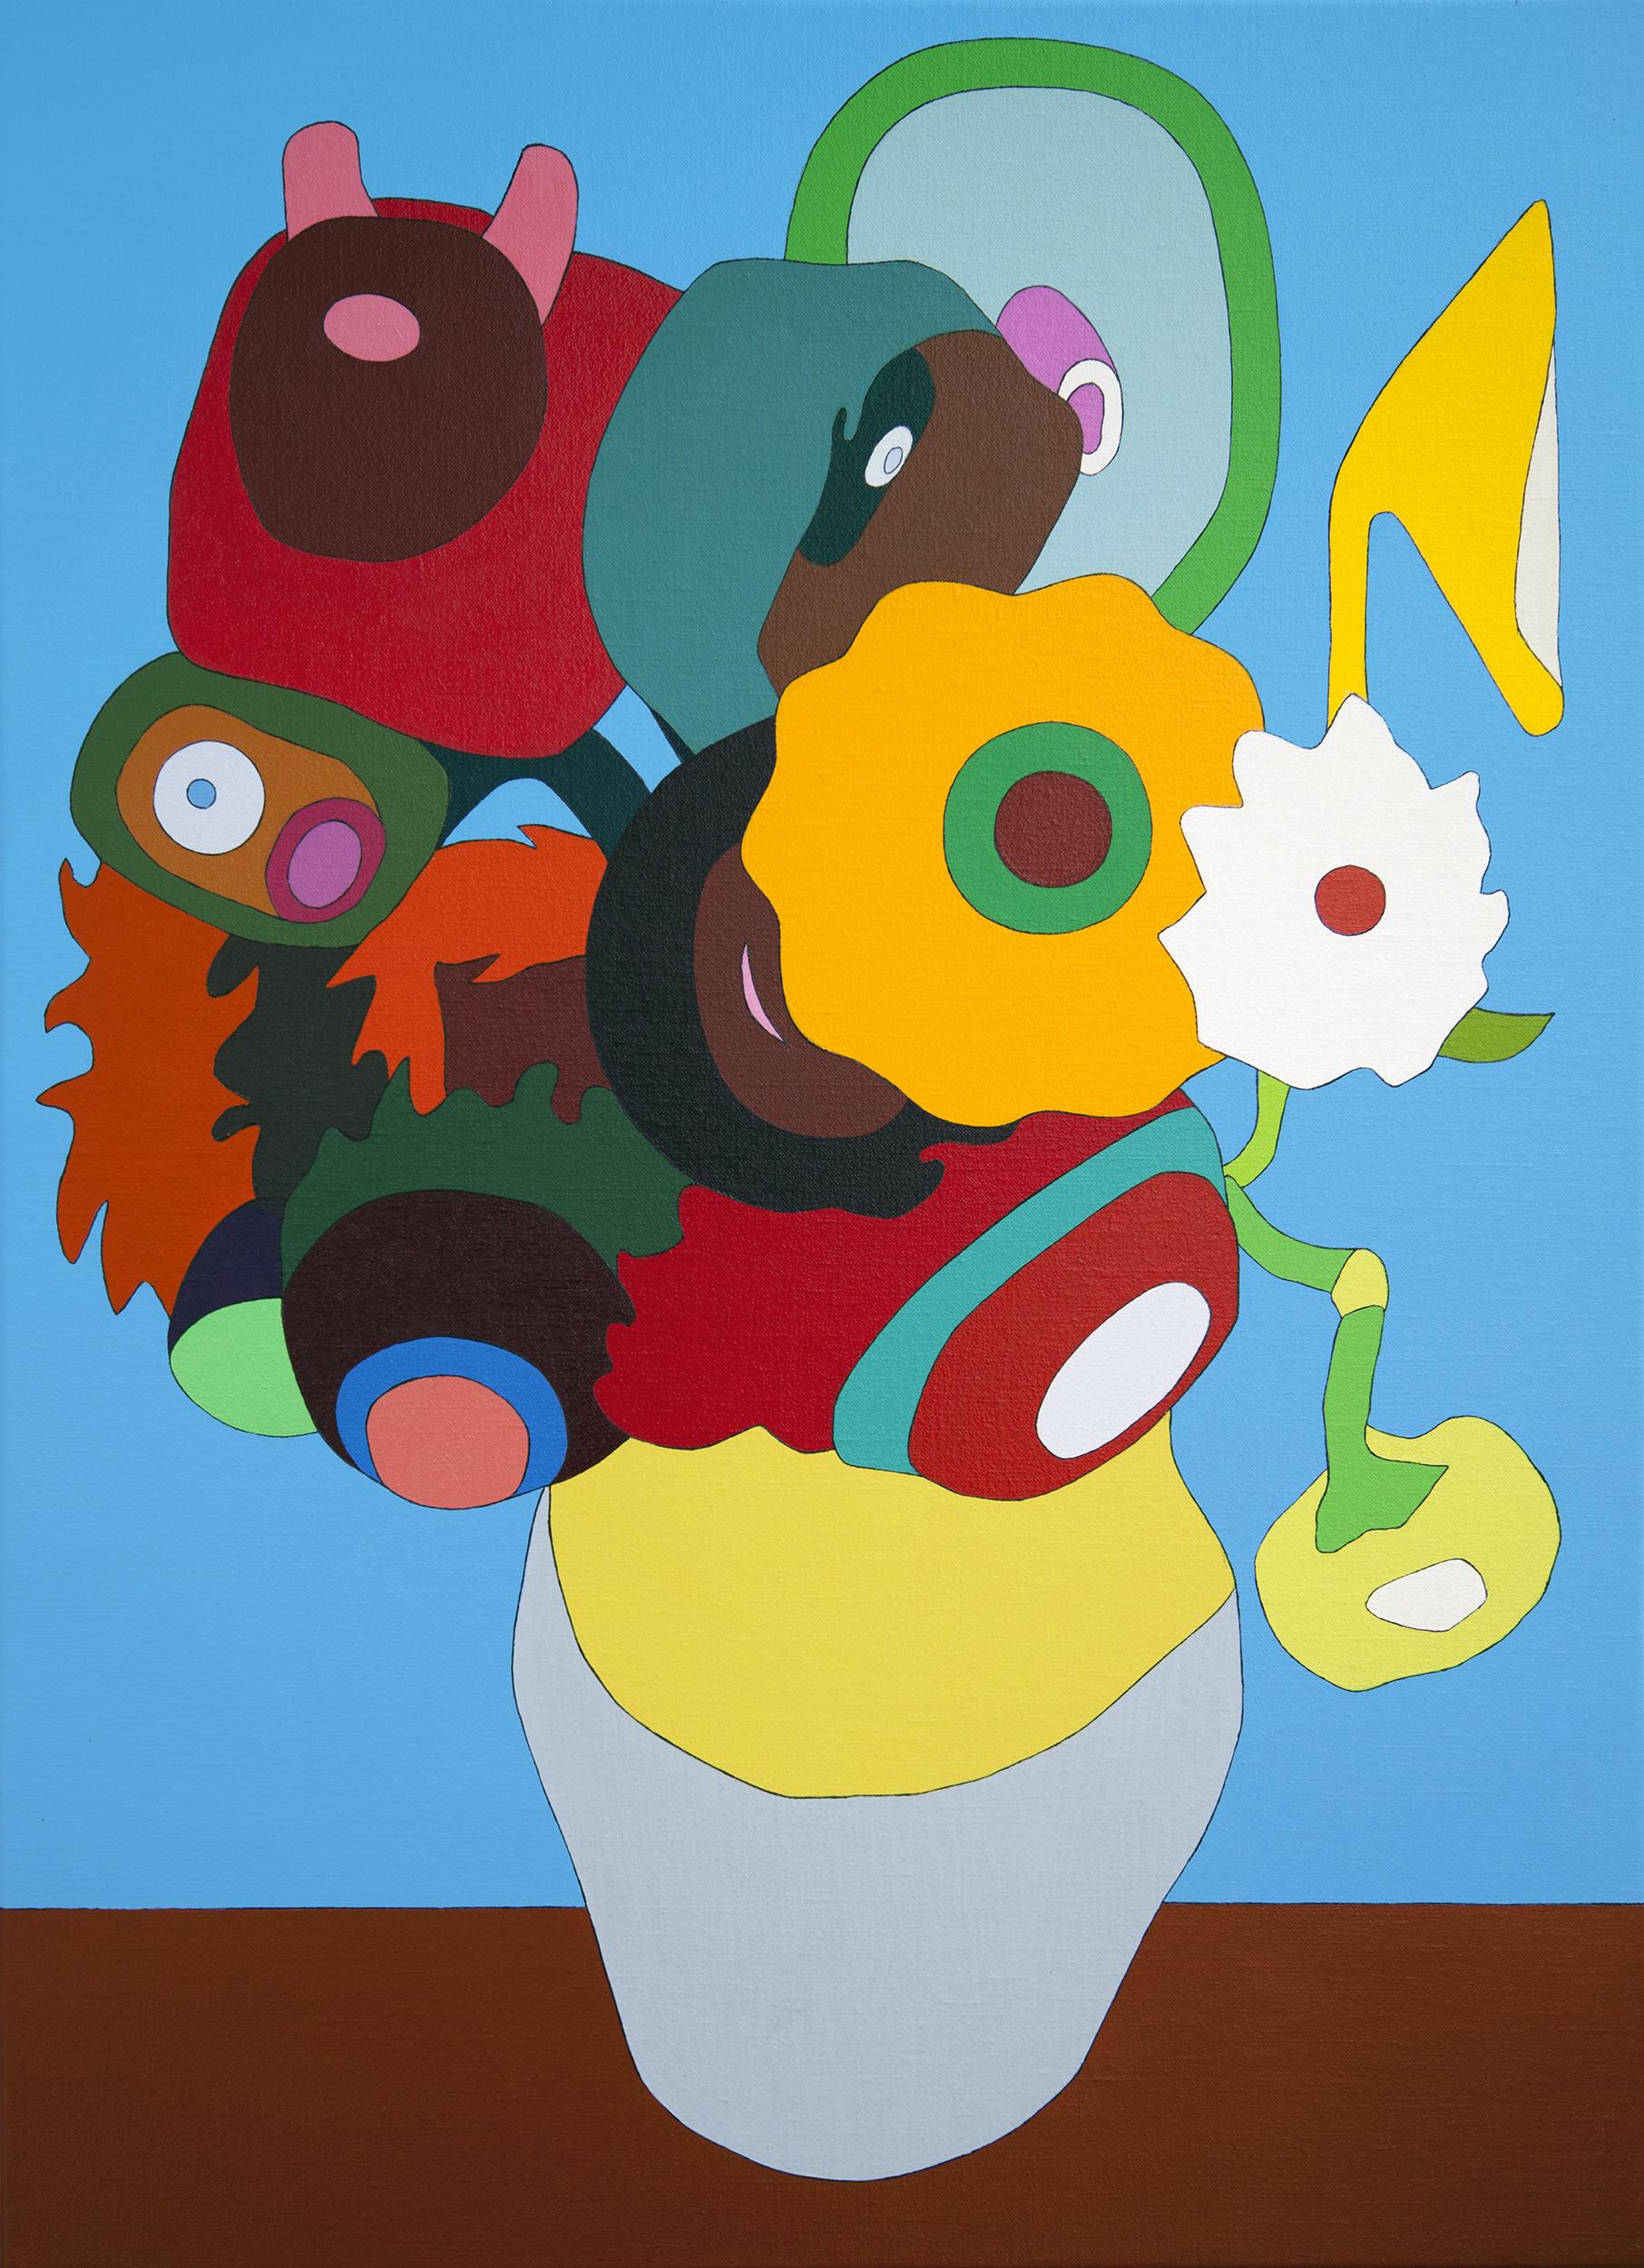 Twelve Sunflowers in a Vase II, painting by Wouter van Riessen